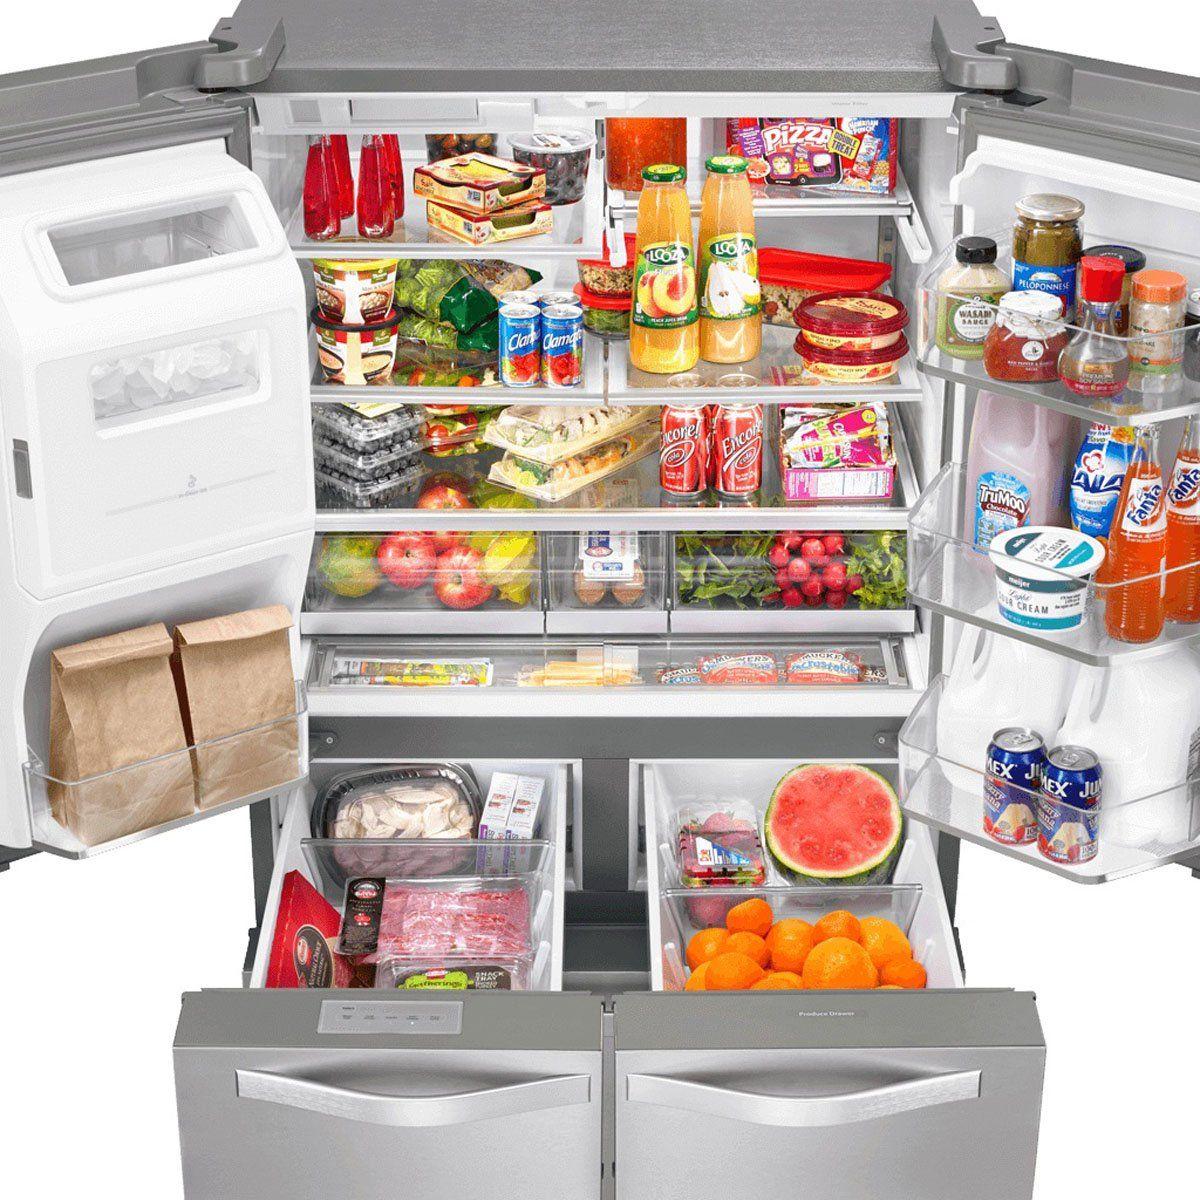 Refrigerador Whirlpool French Door 26 Pies Acero Inoxidable Sears Com Mx Me Entiende Refrigerador Acero Inoxidable Juegos De Cuarto